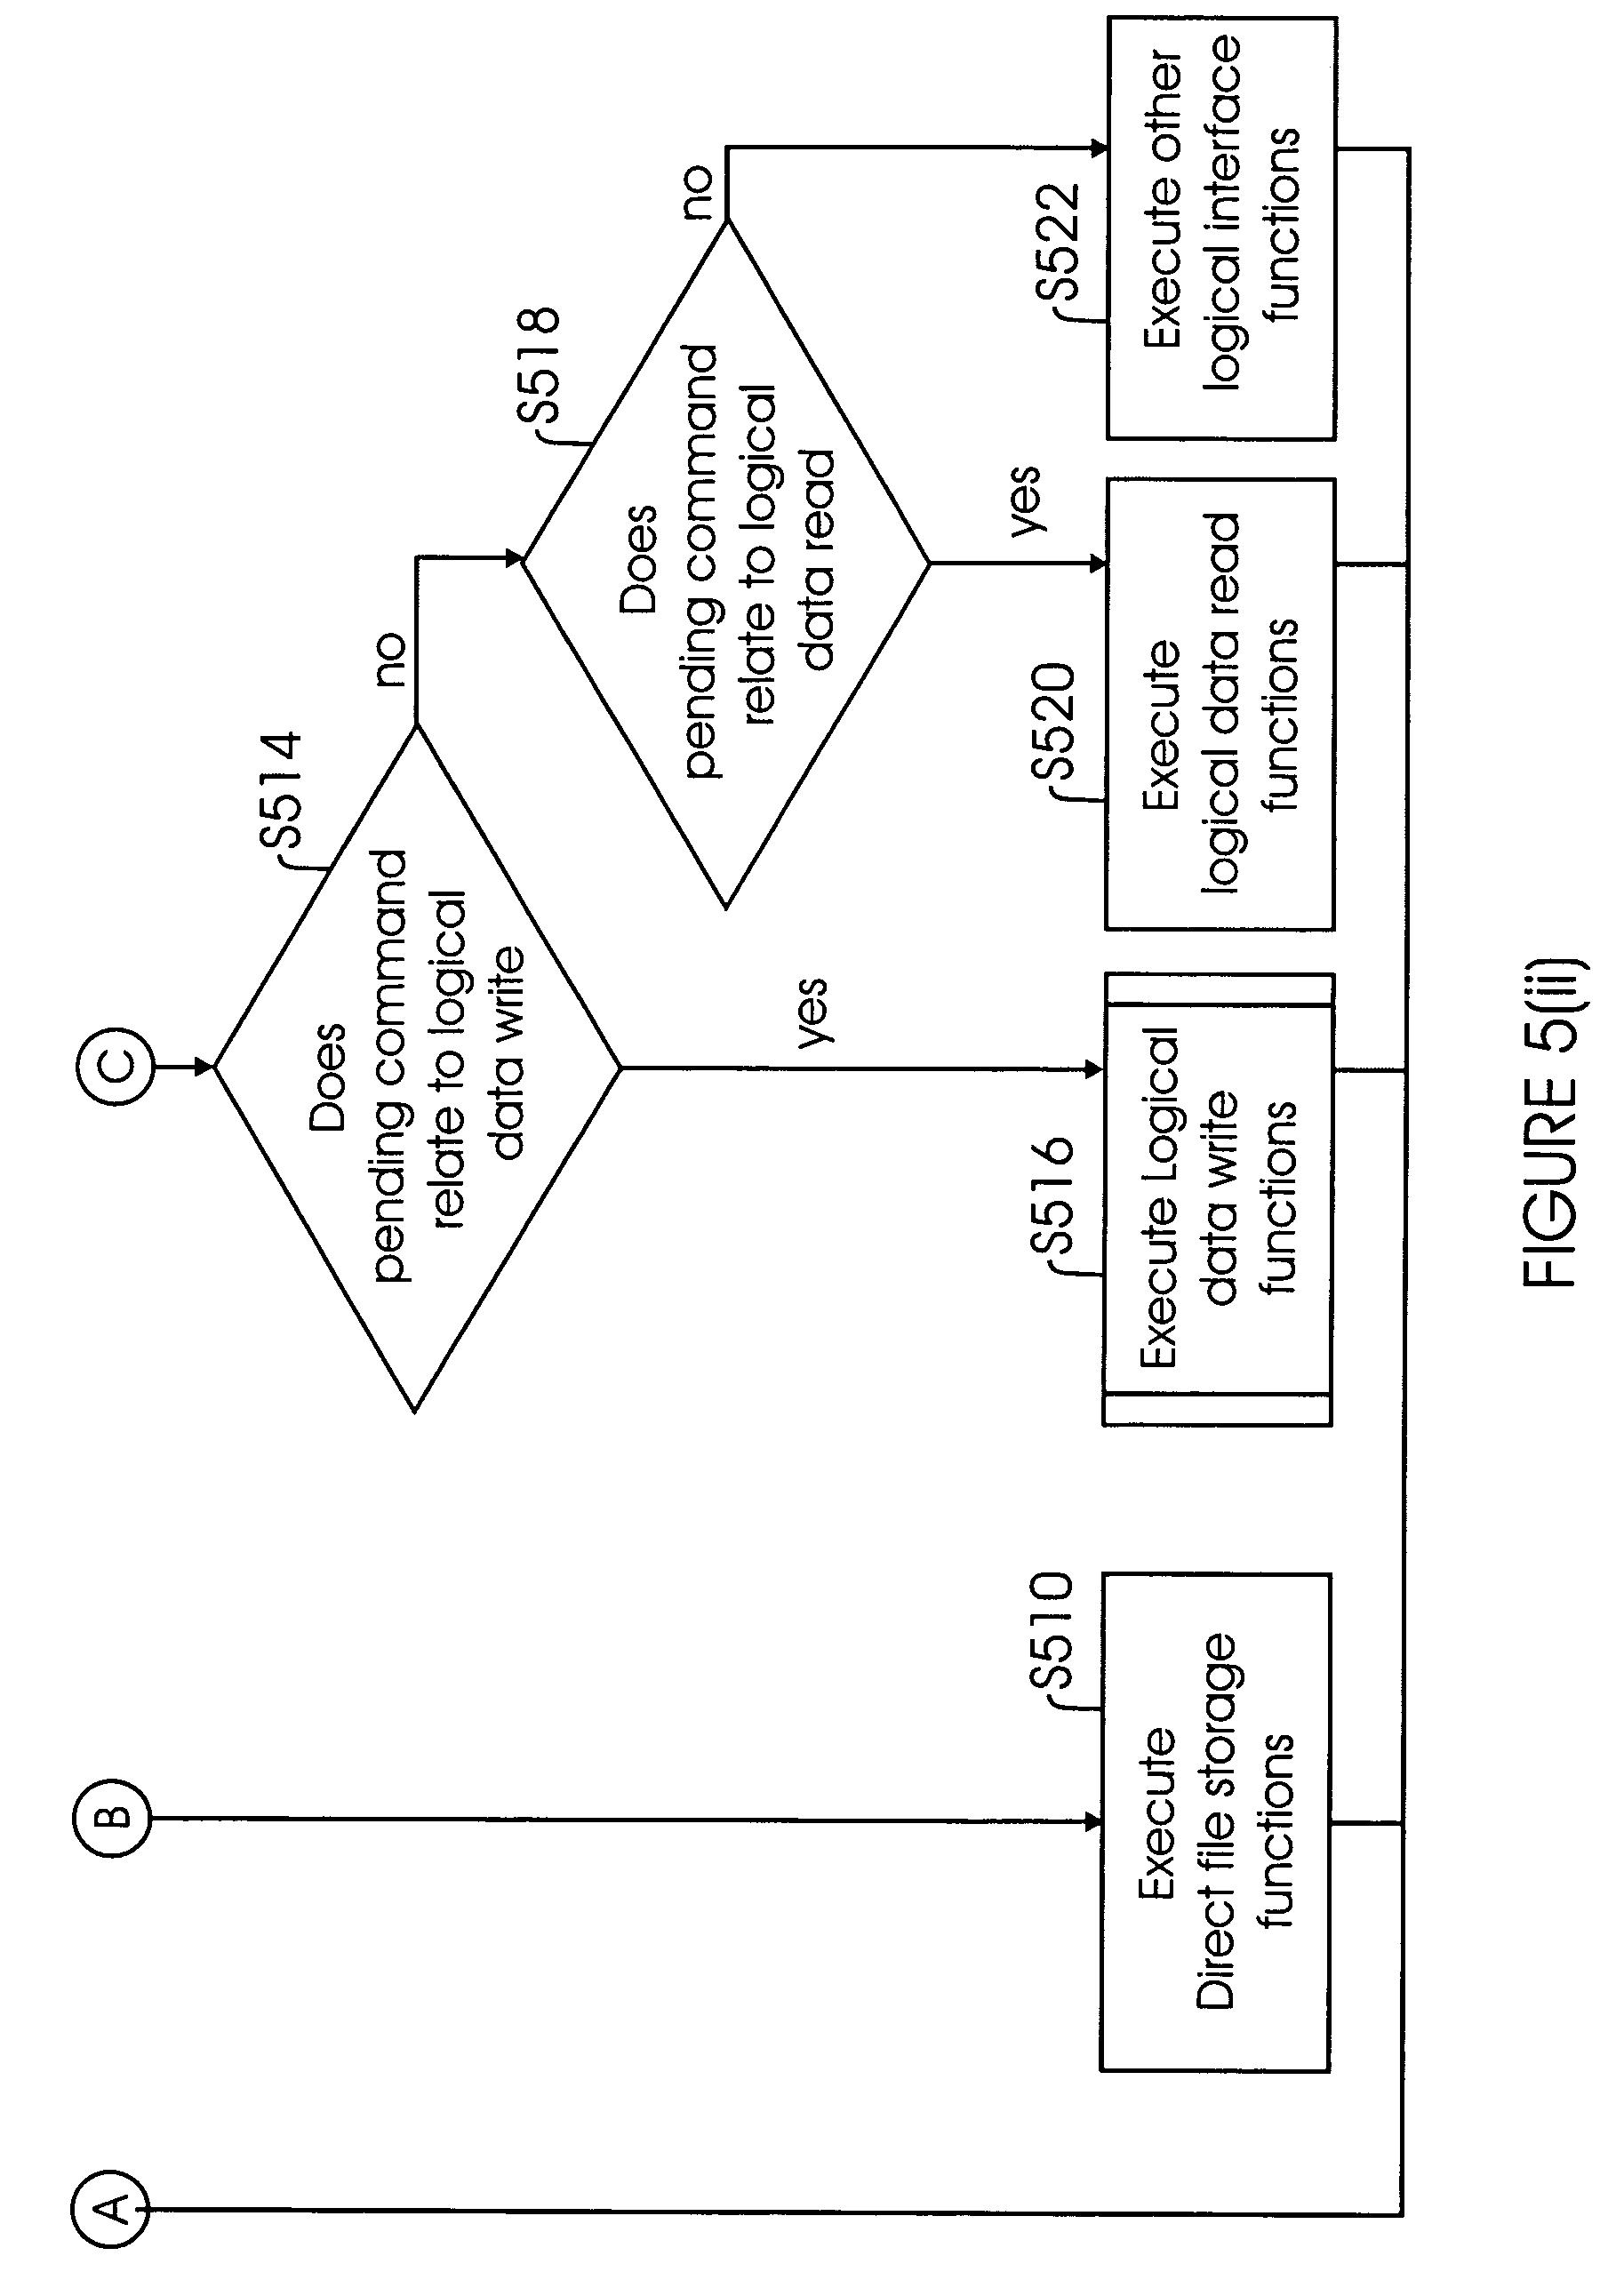 brevet us7769978